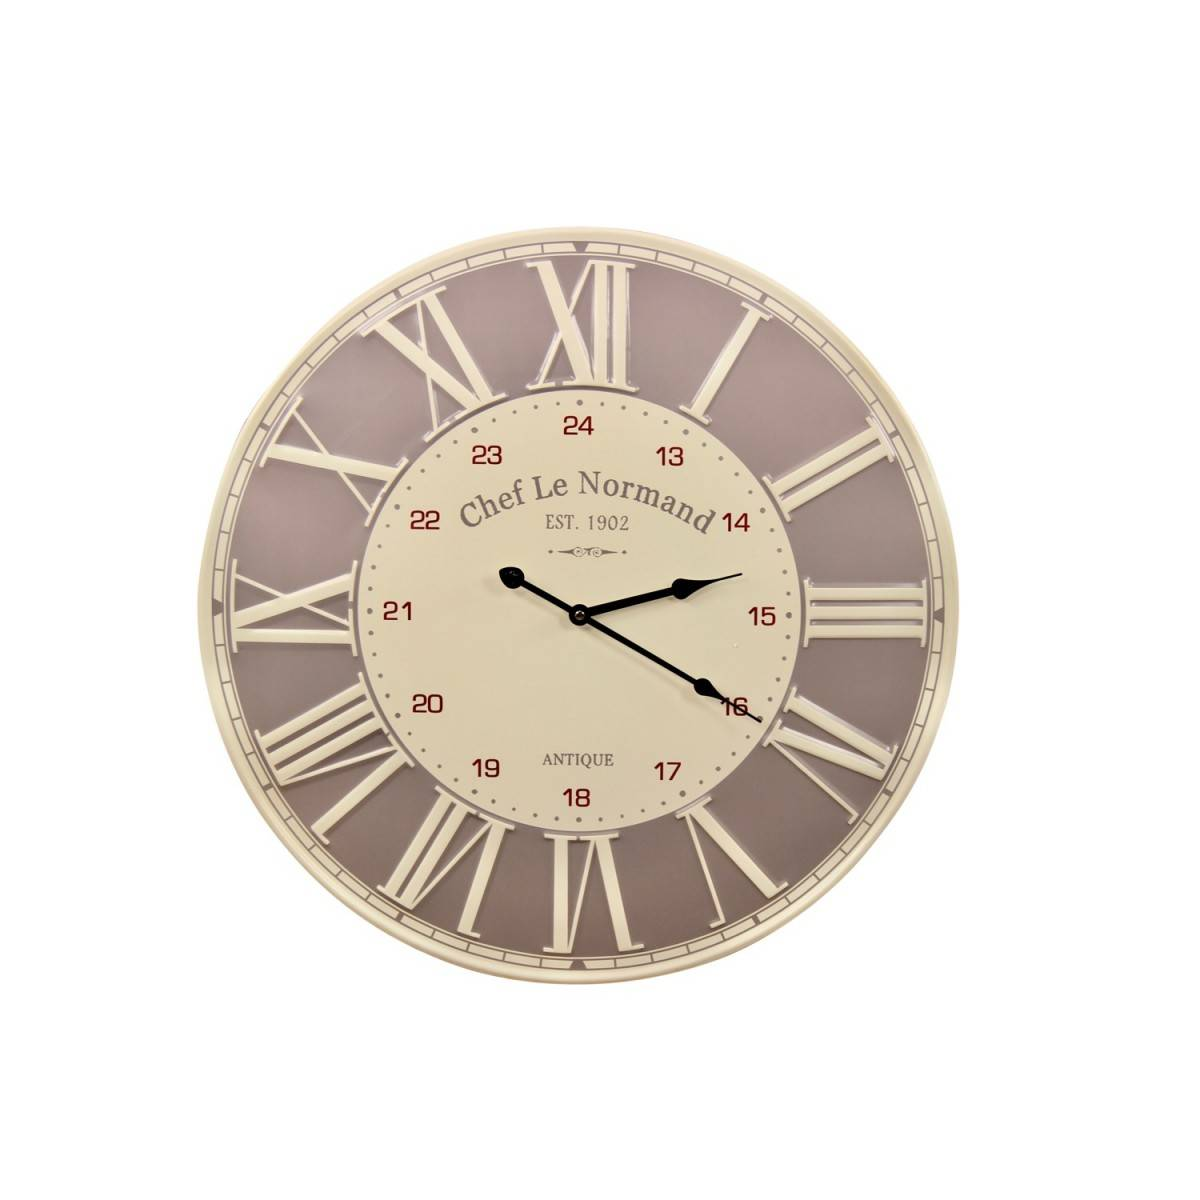 Horloge Ancienne Metal Chef Le Normand 58cm - Métal - Gris